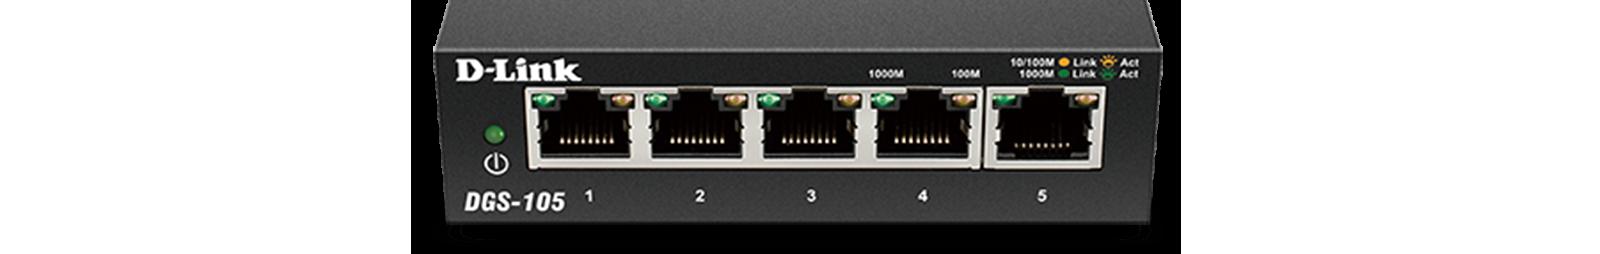 DGS-105 5-Port Gigabit Unmanaged Desktop Switch